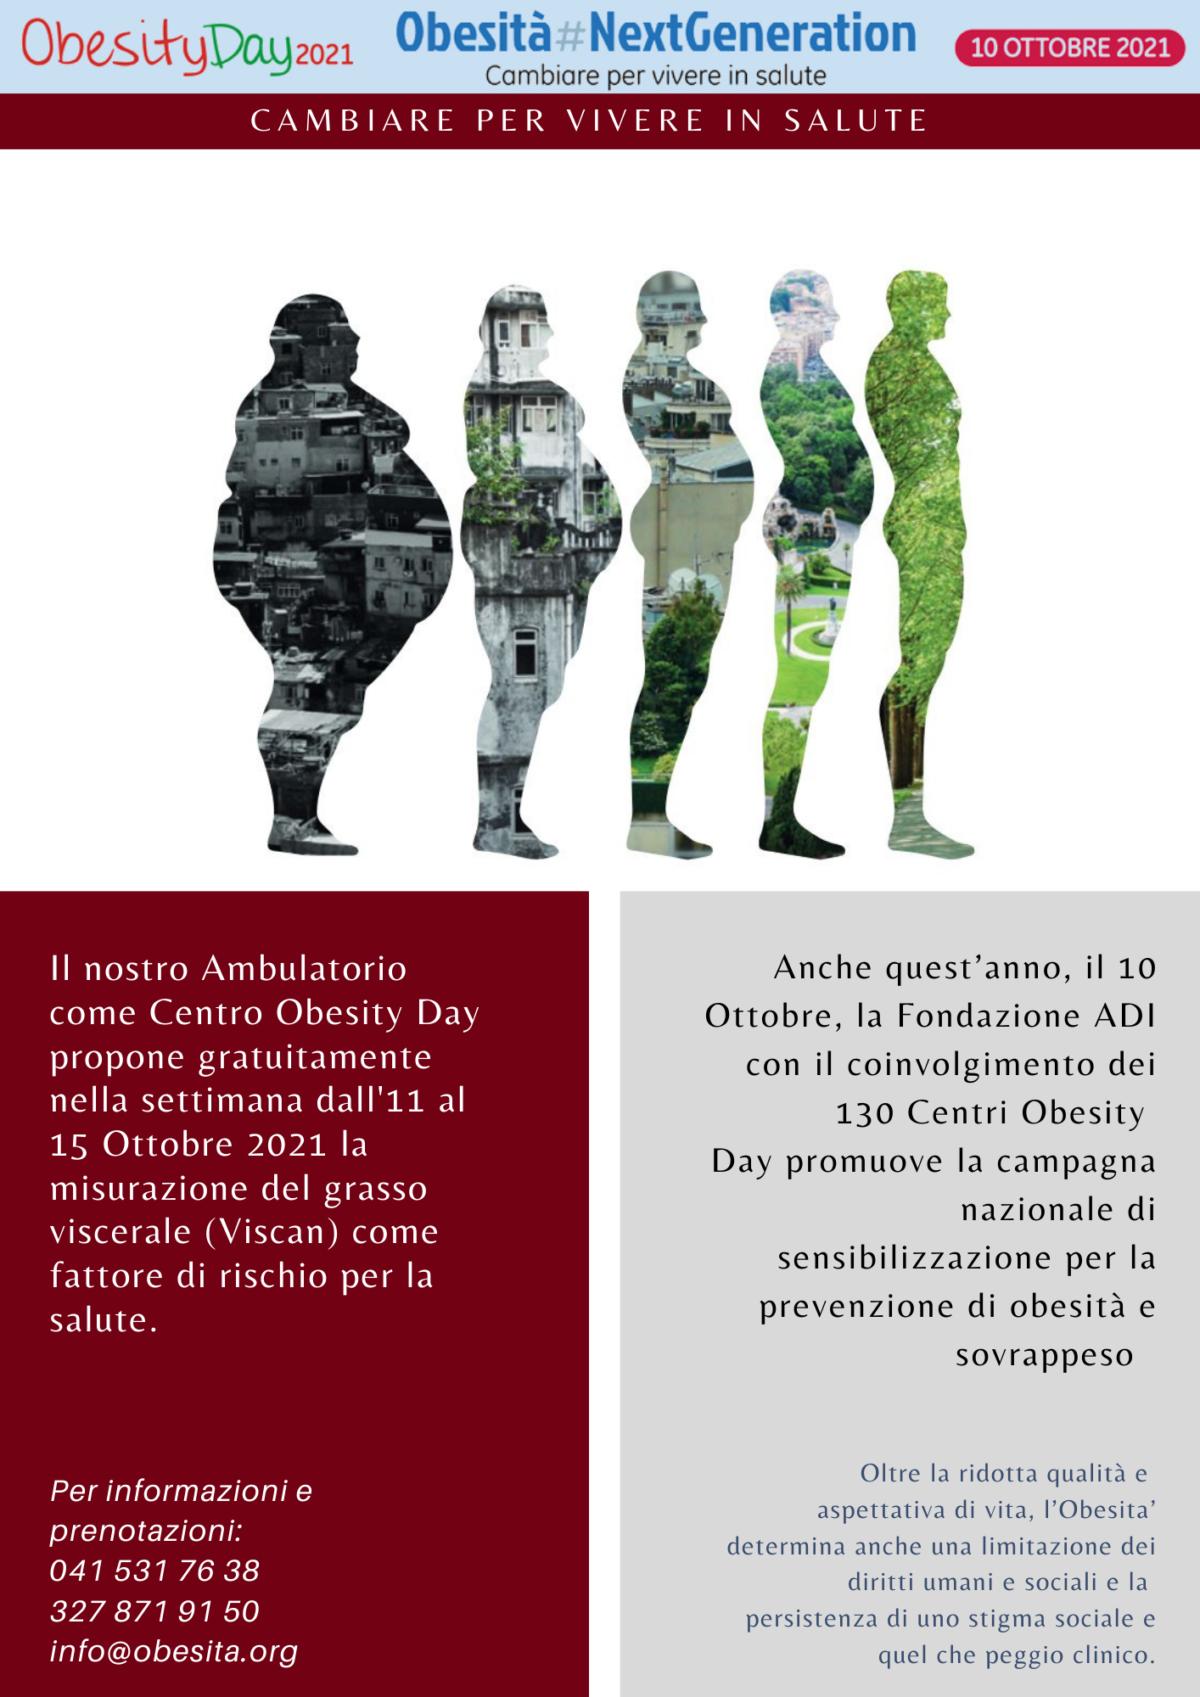 10 Ottobre 2021: Obesity Day